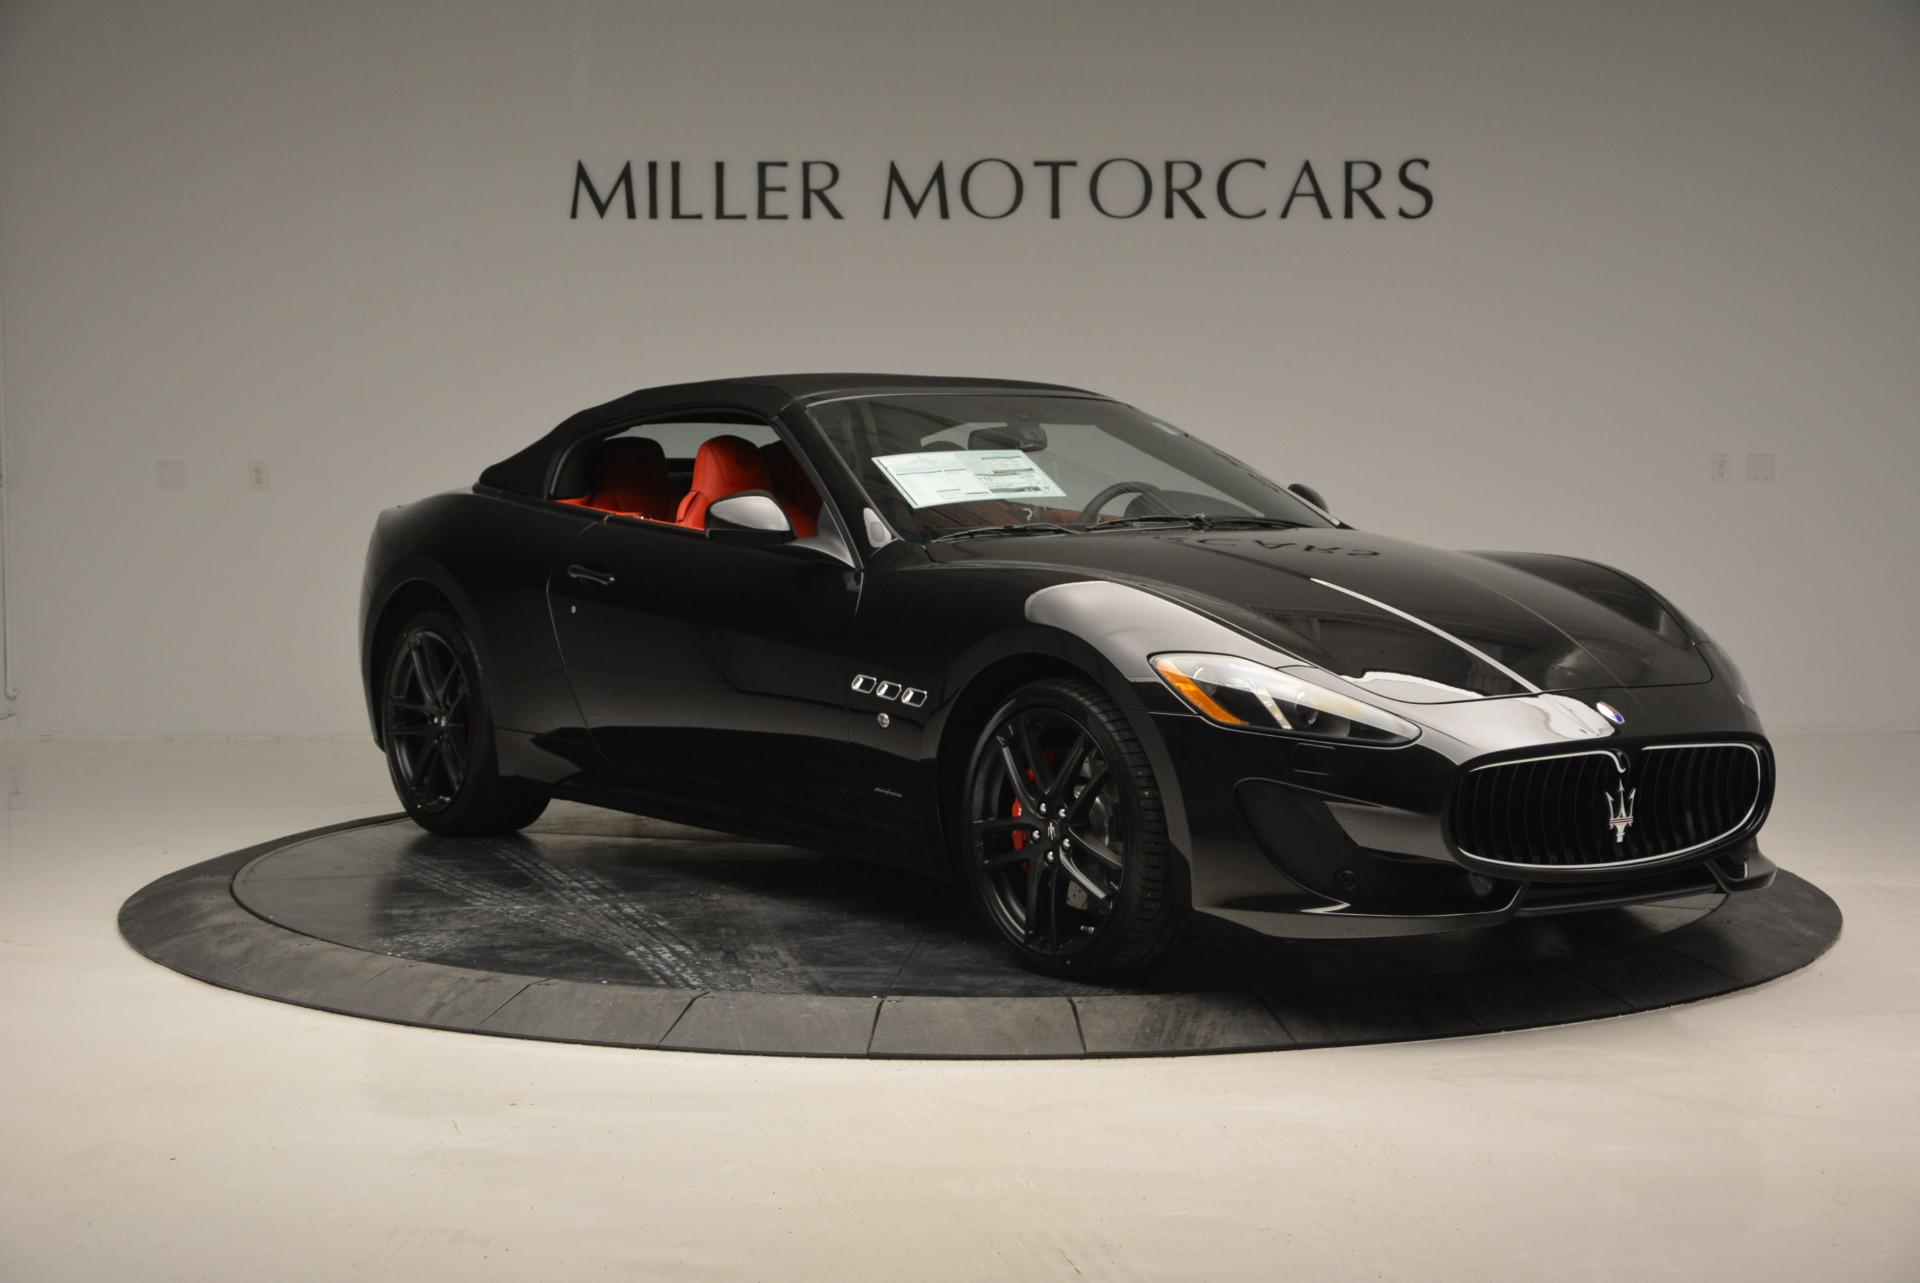 New 2017 Maserati GranTurismo Cab Sport For Sale In Westport, CT 687_p16